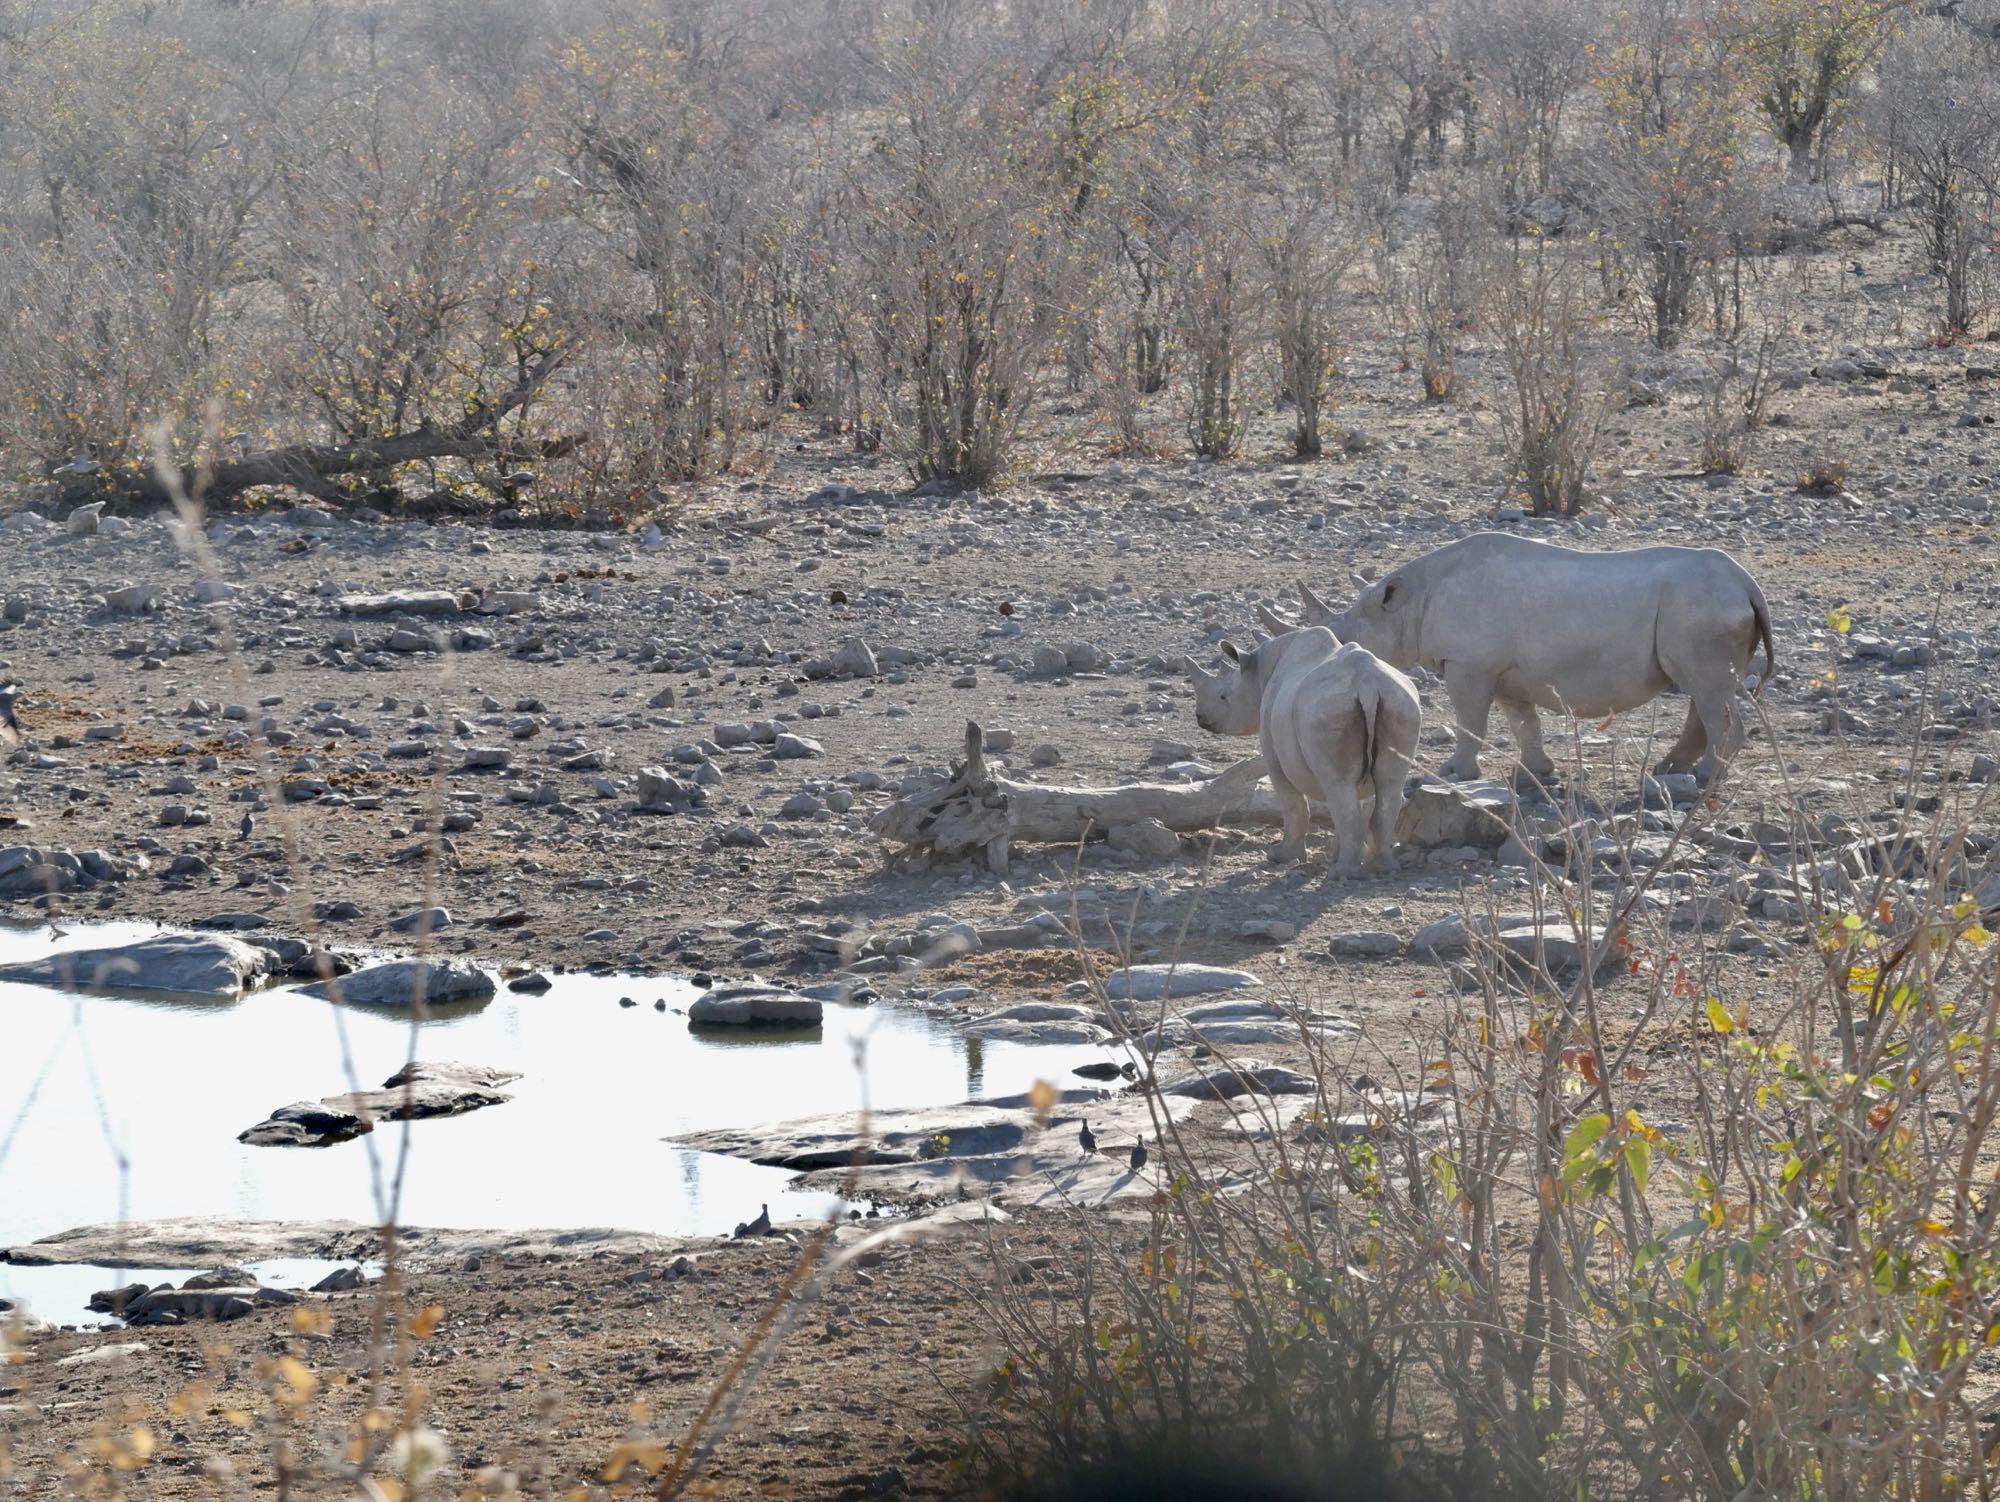 Des rhinocéros à Halali, Etosha